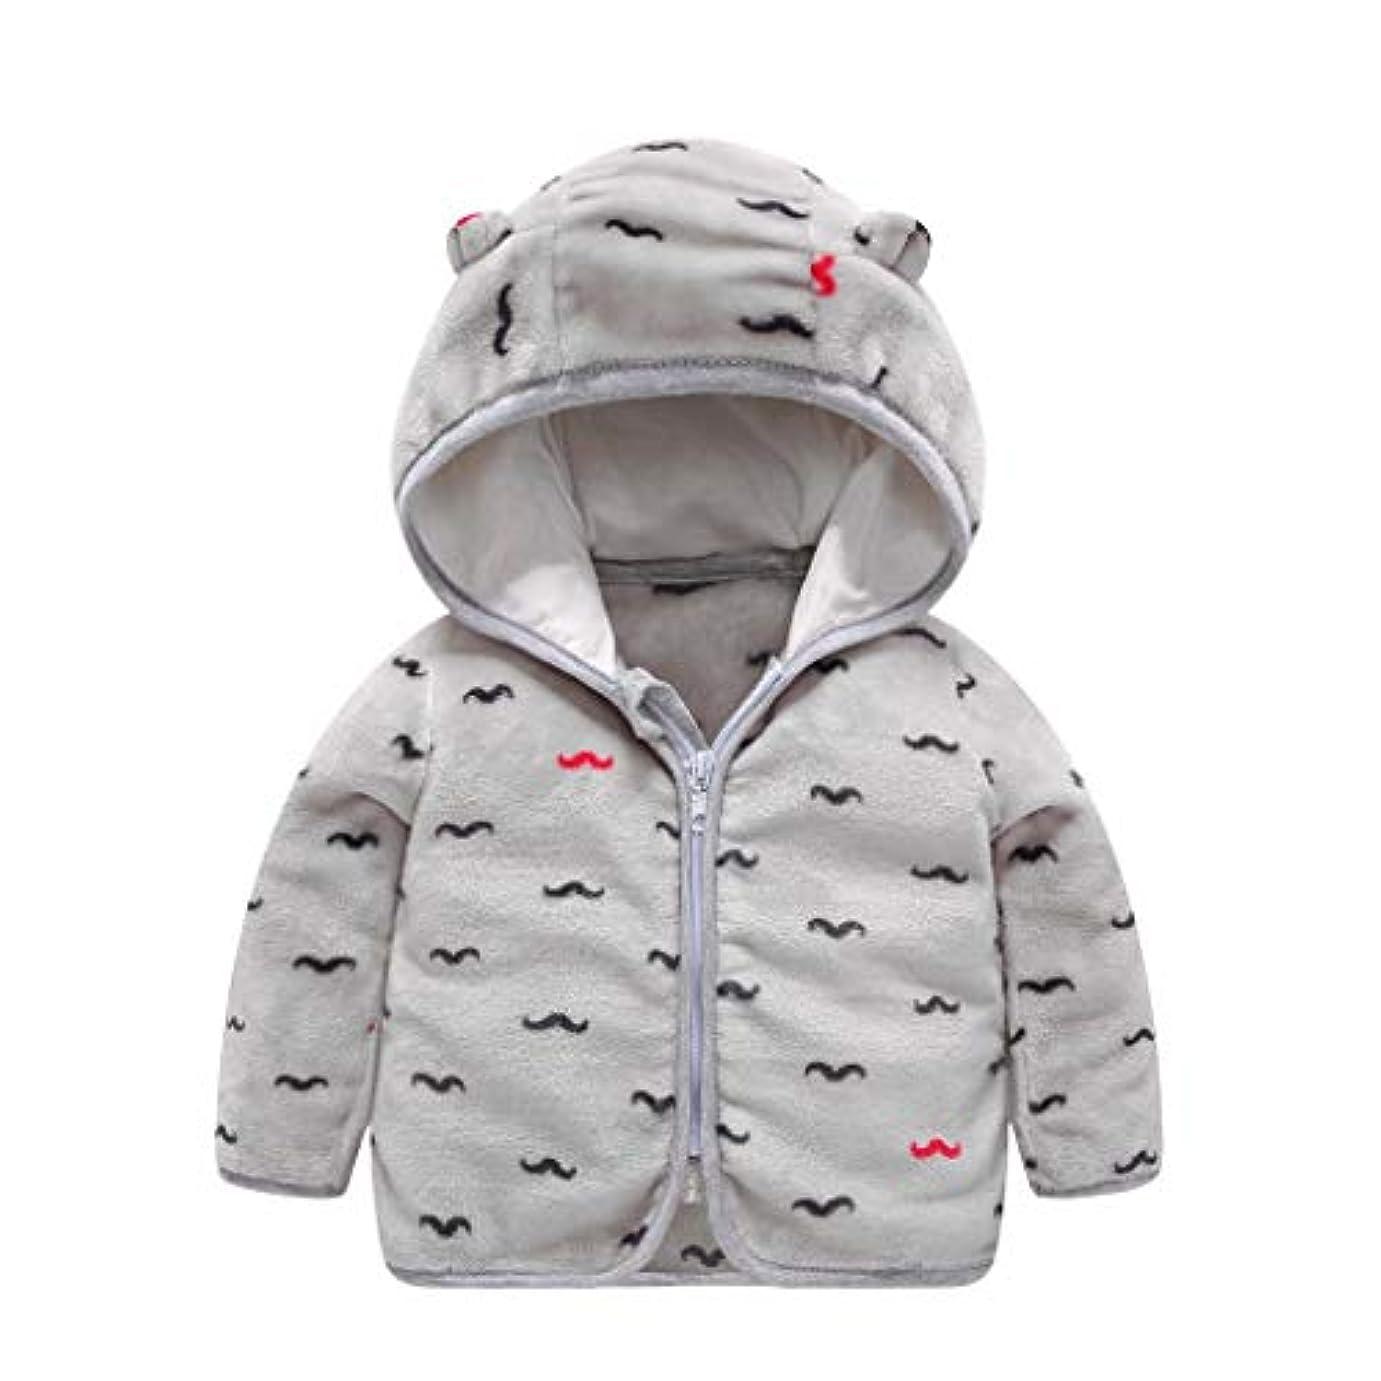 最大限あまりにも砂利F_Qimink キッズ ベビー服 コート ジャケット 長袖 フード付き かわいい耳 ジッパー かわいい カーディガン やわらかい 赤ちゃん 子供服 女の子 男の子 おしゃれ 秋冬 暖かい 保温 防寒 アウターウェア 人気 出産祝い 新生児服 普段着 お出かけ